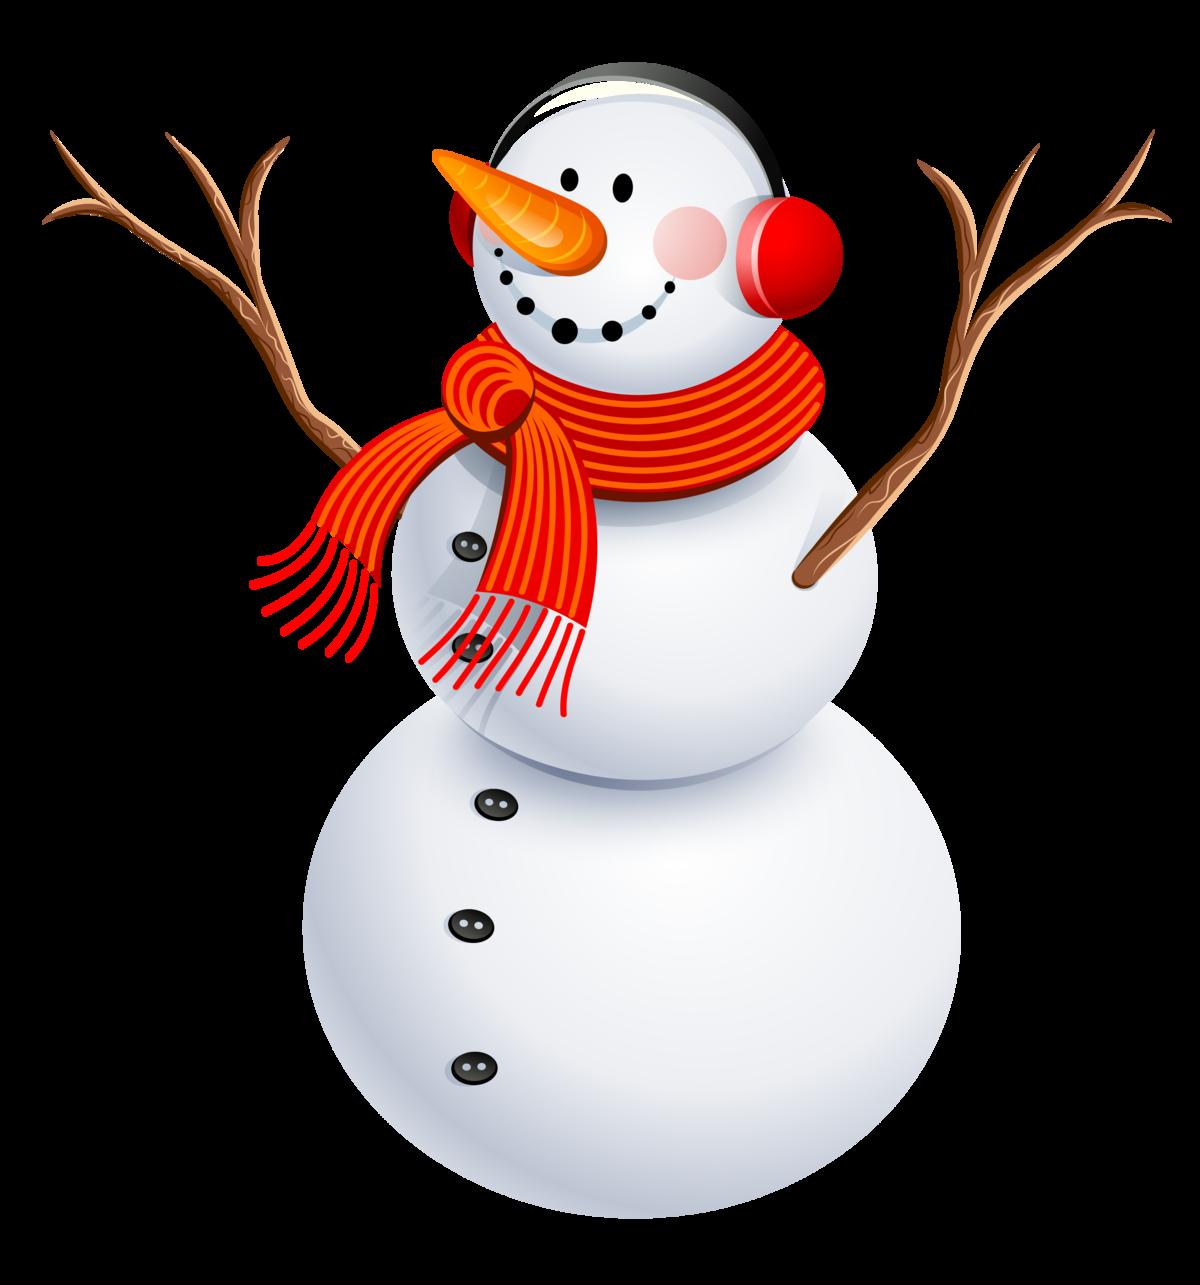 снеговик картинка без фона милая мягкая